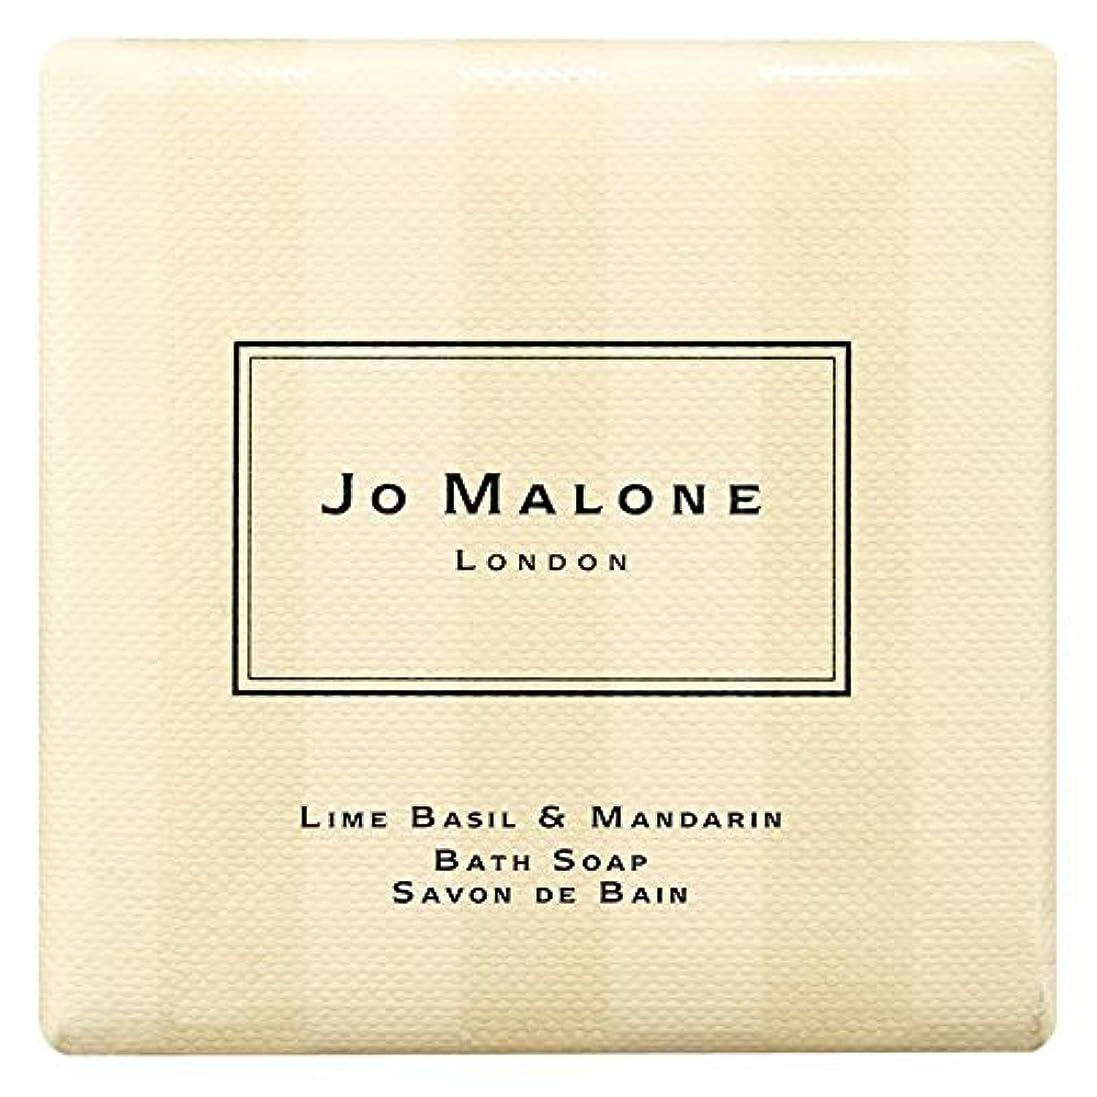 いっぱい領域ゴミ箱を空にする[Jo Malone] ジョーマローンロンドンライムバジル&マンダリンお風呂の石鹸100グラム - Jo Malone London Lime Basil & Mandarin Bath Soap 100g [並行輸入品]